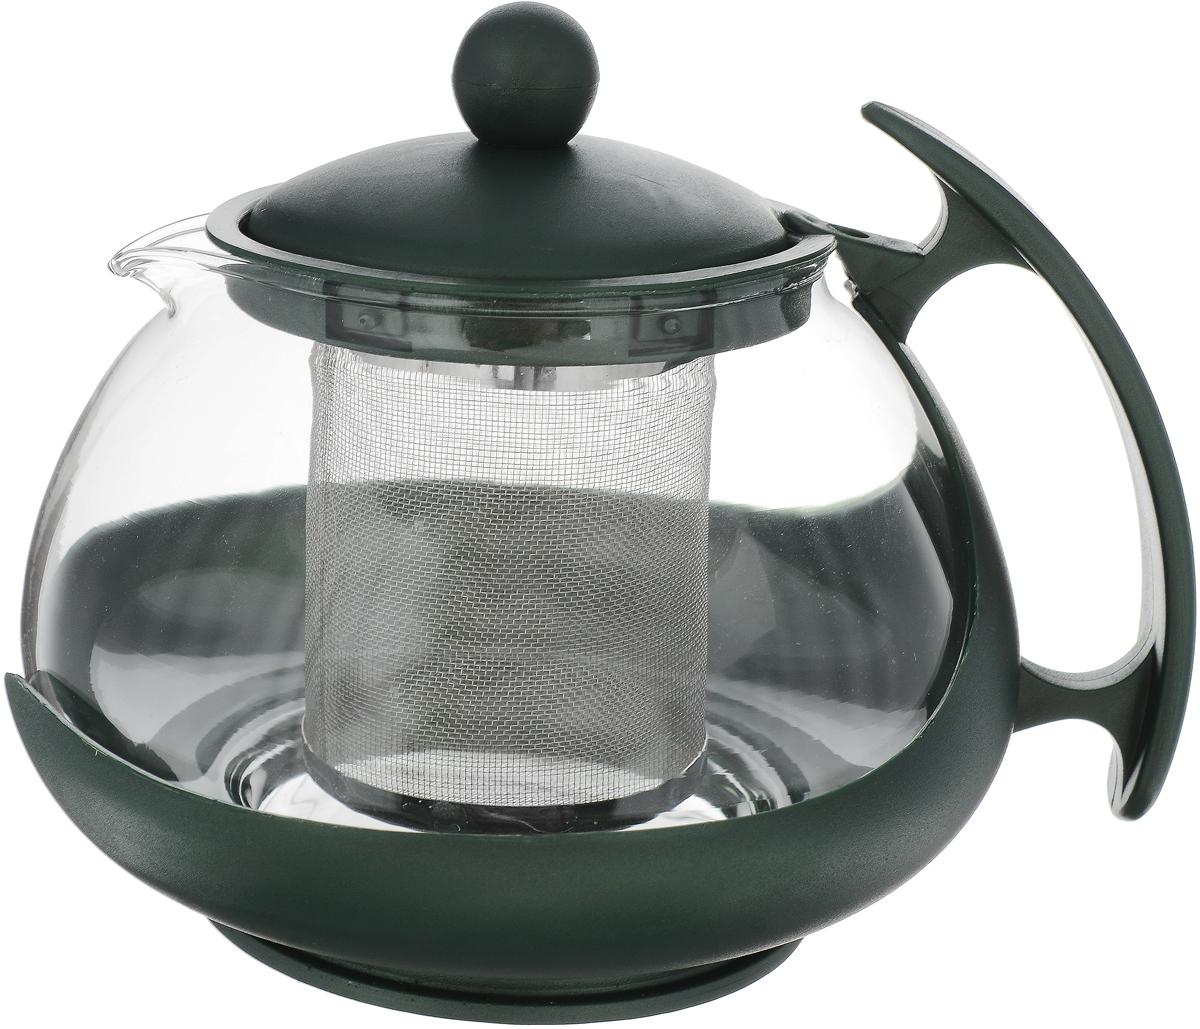 Чайник заварочный Bekker, с фильтром, цвет: темно-зеленый, прозрачный, 750 мл. BK-307 чайник заварочный pavone роза цвет белый розовый зеленый 750 мл